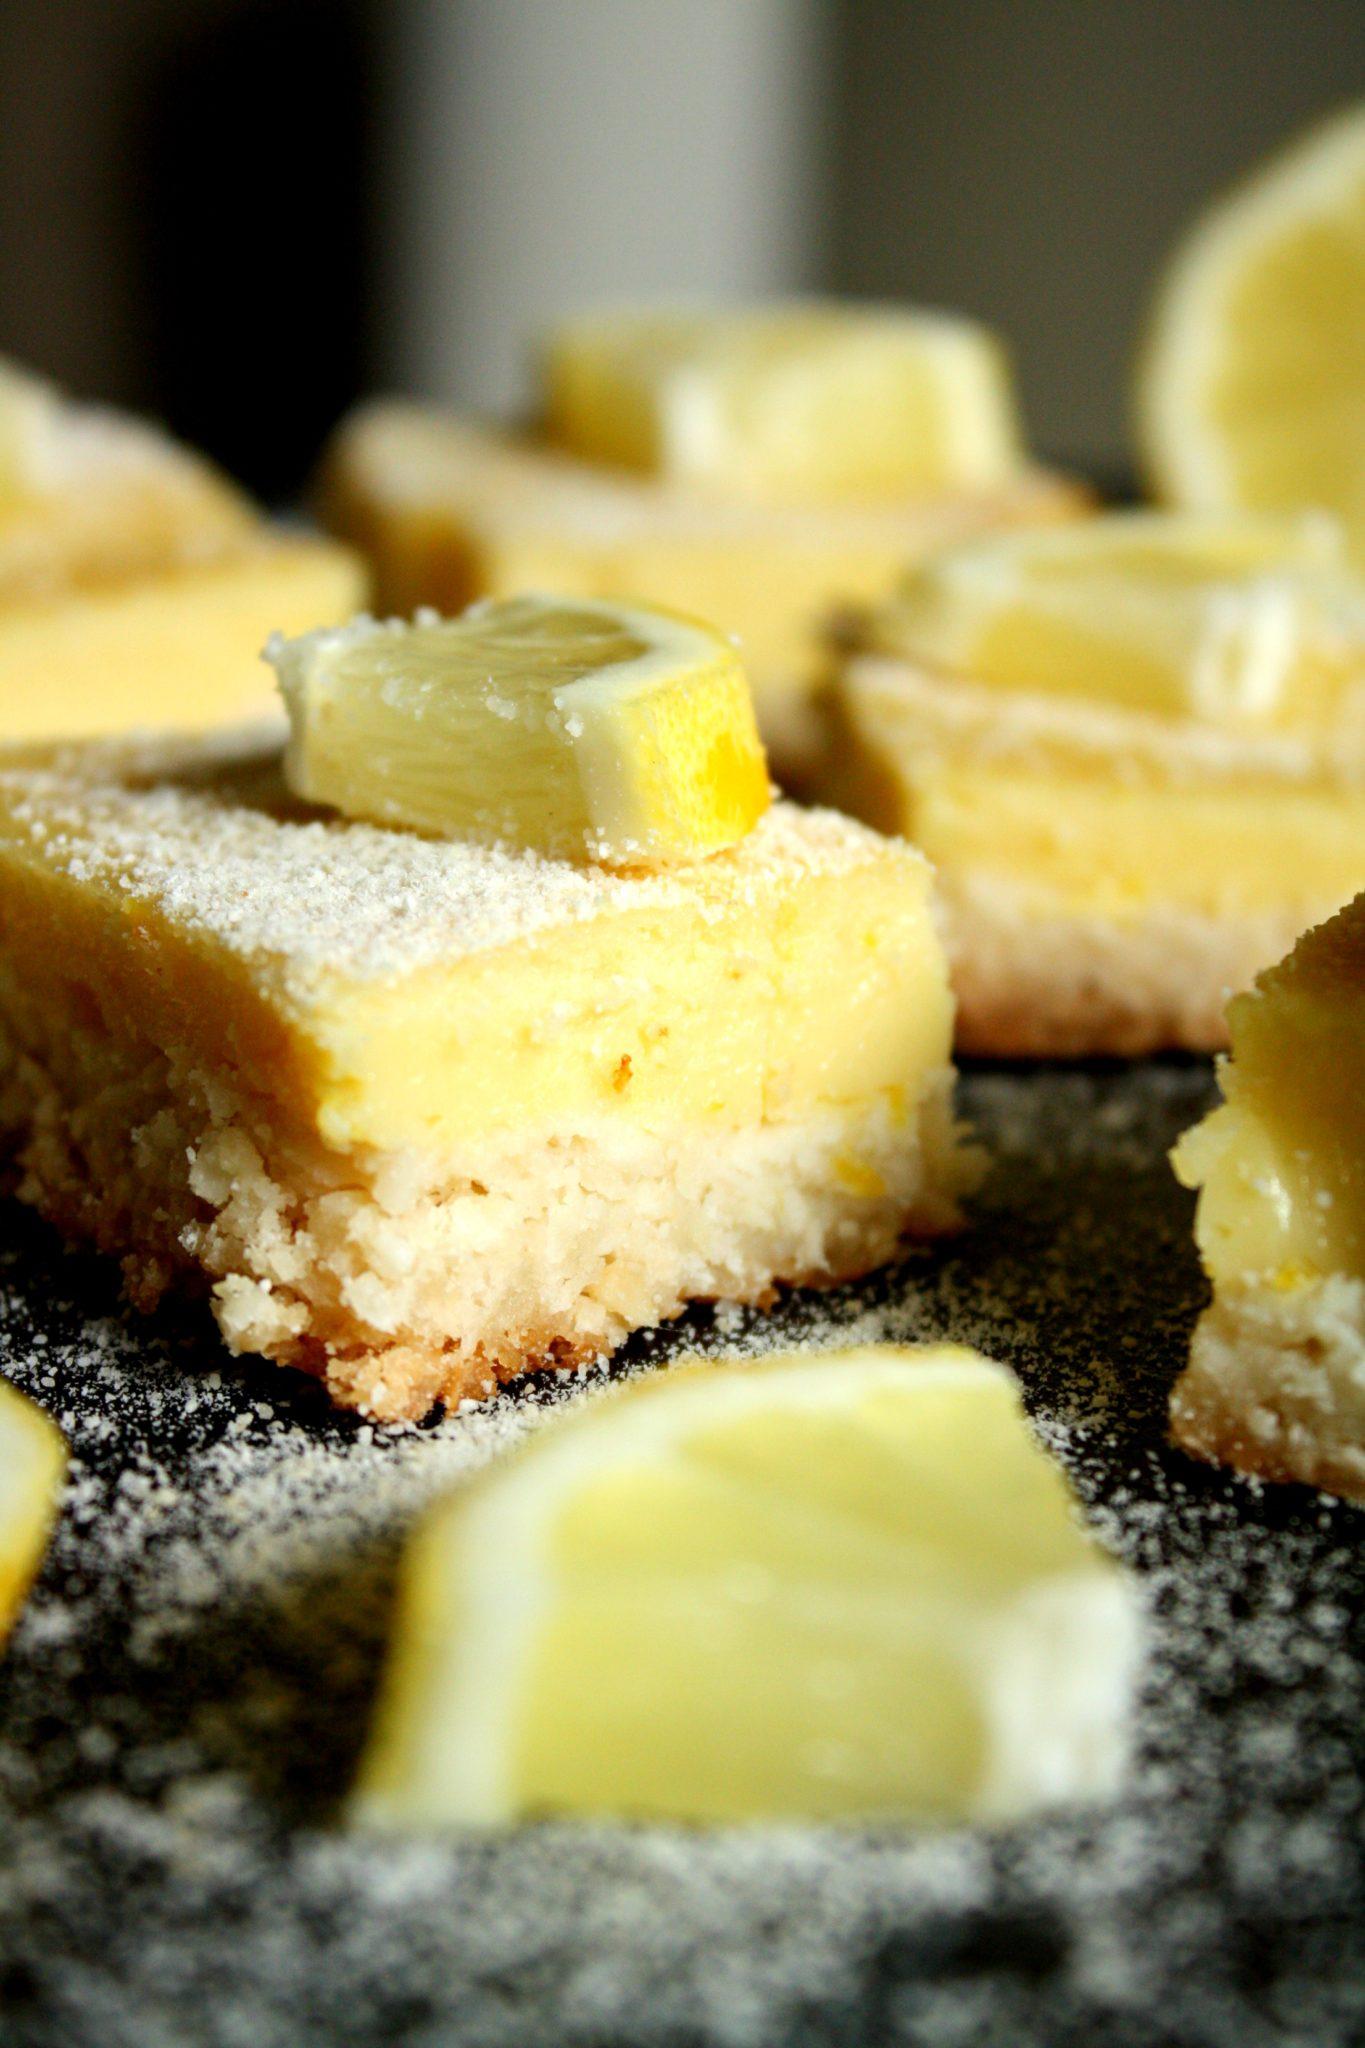 Sobremesa saudável? Sim, é possível! Essa barrinha de limão é o exemplo perfeito!